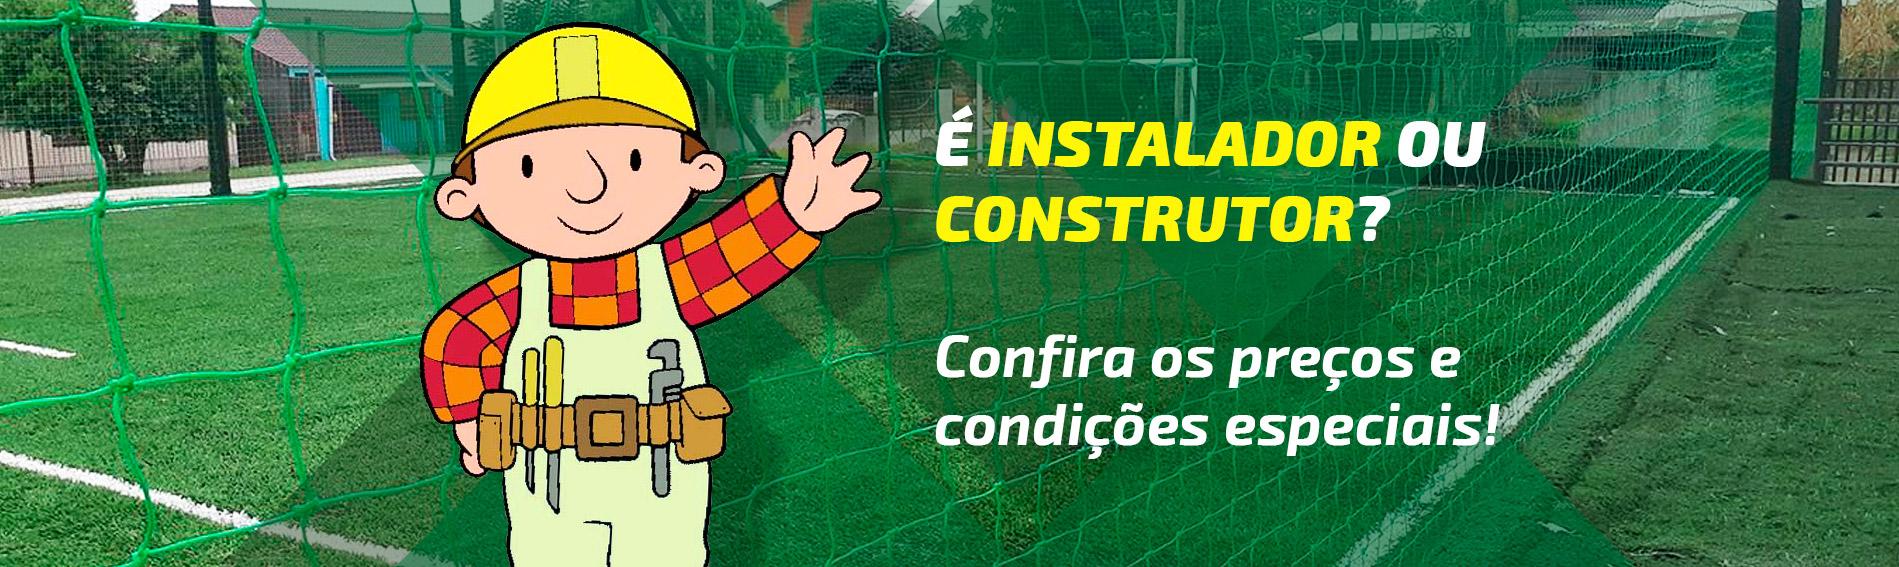 Instaladores e Construtores